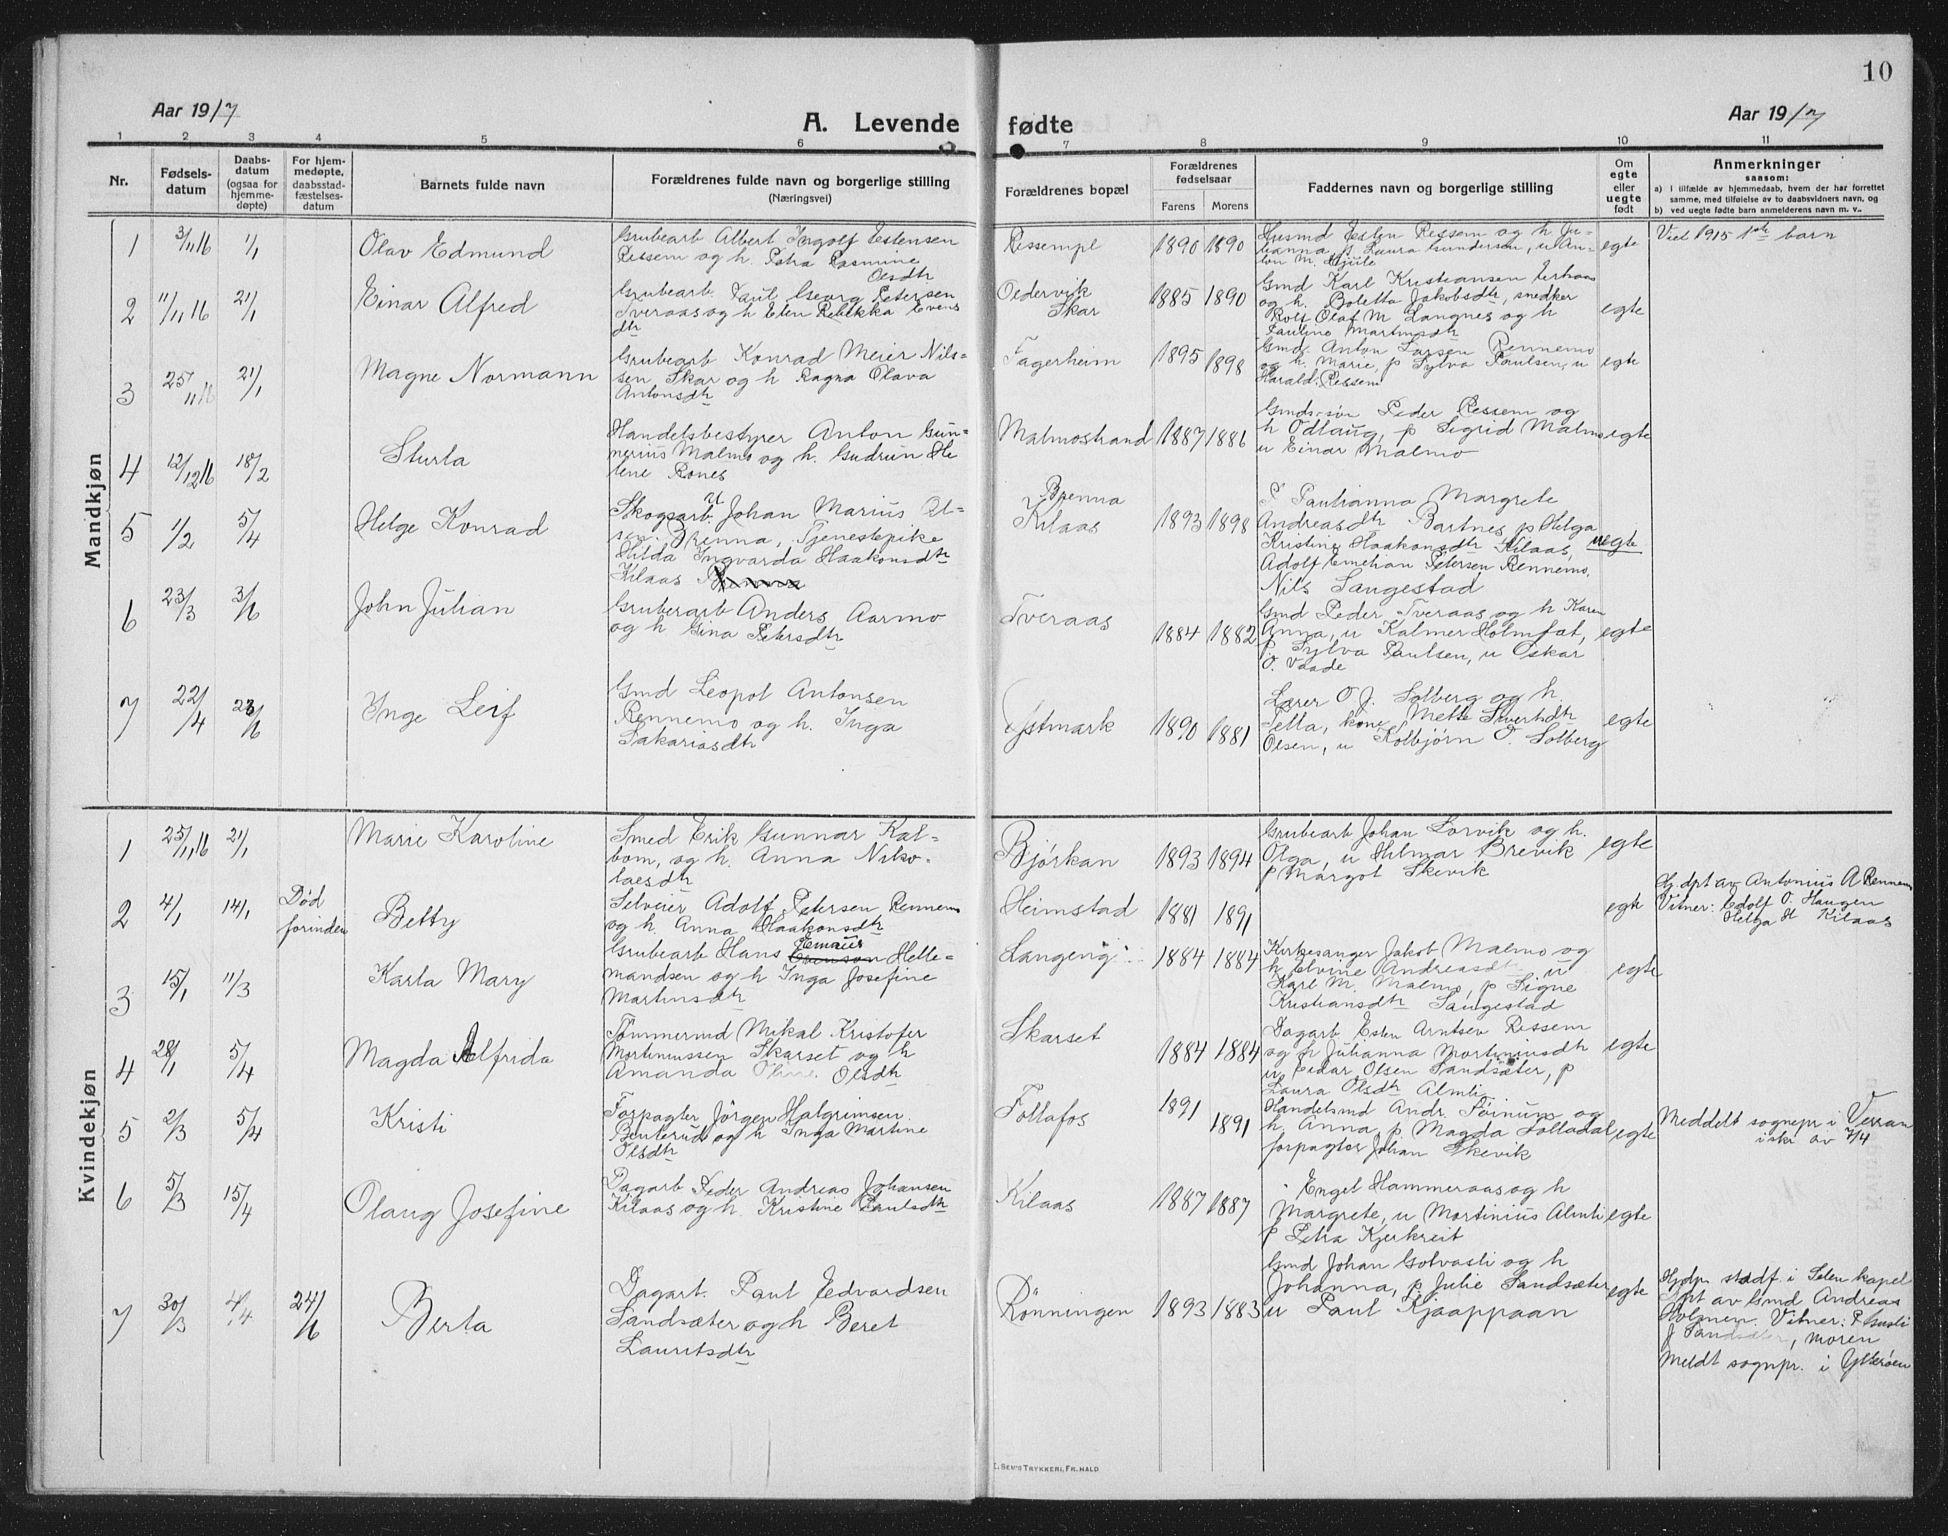 SAT, Ministerialprotokoller, klokkerbøker og fødselsregistre - Nord-Trøndelag, 745/L0434: Klokkerbok nr. 745C03, 1914-1937, s. 10